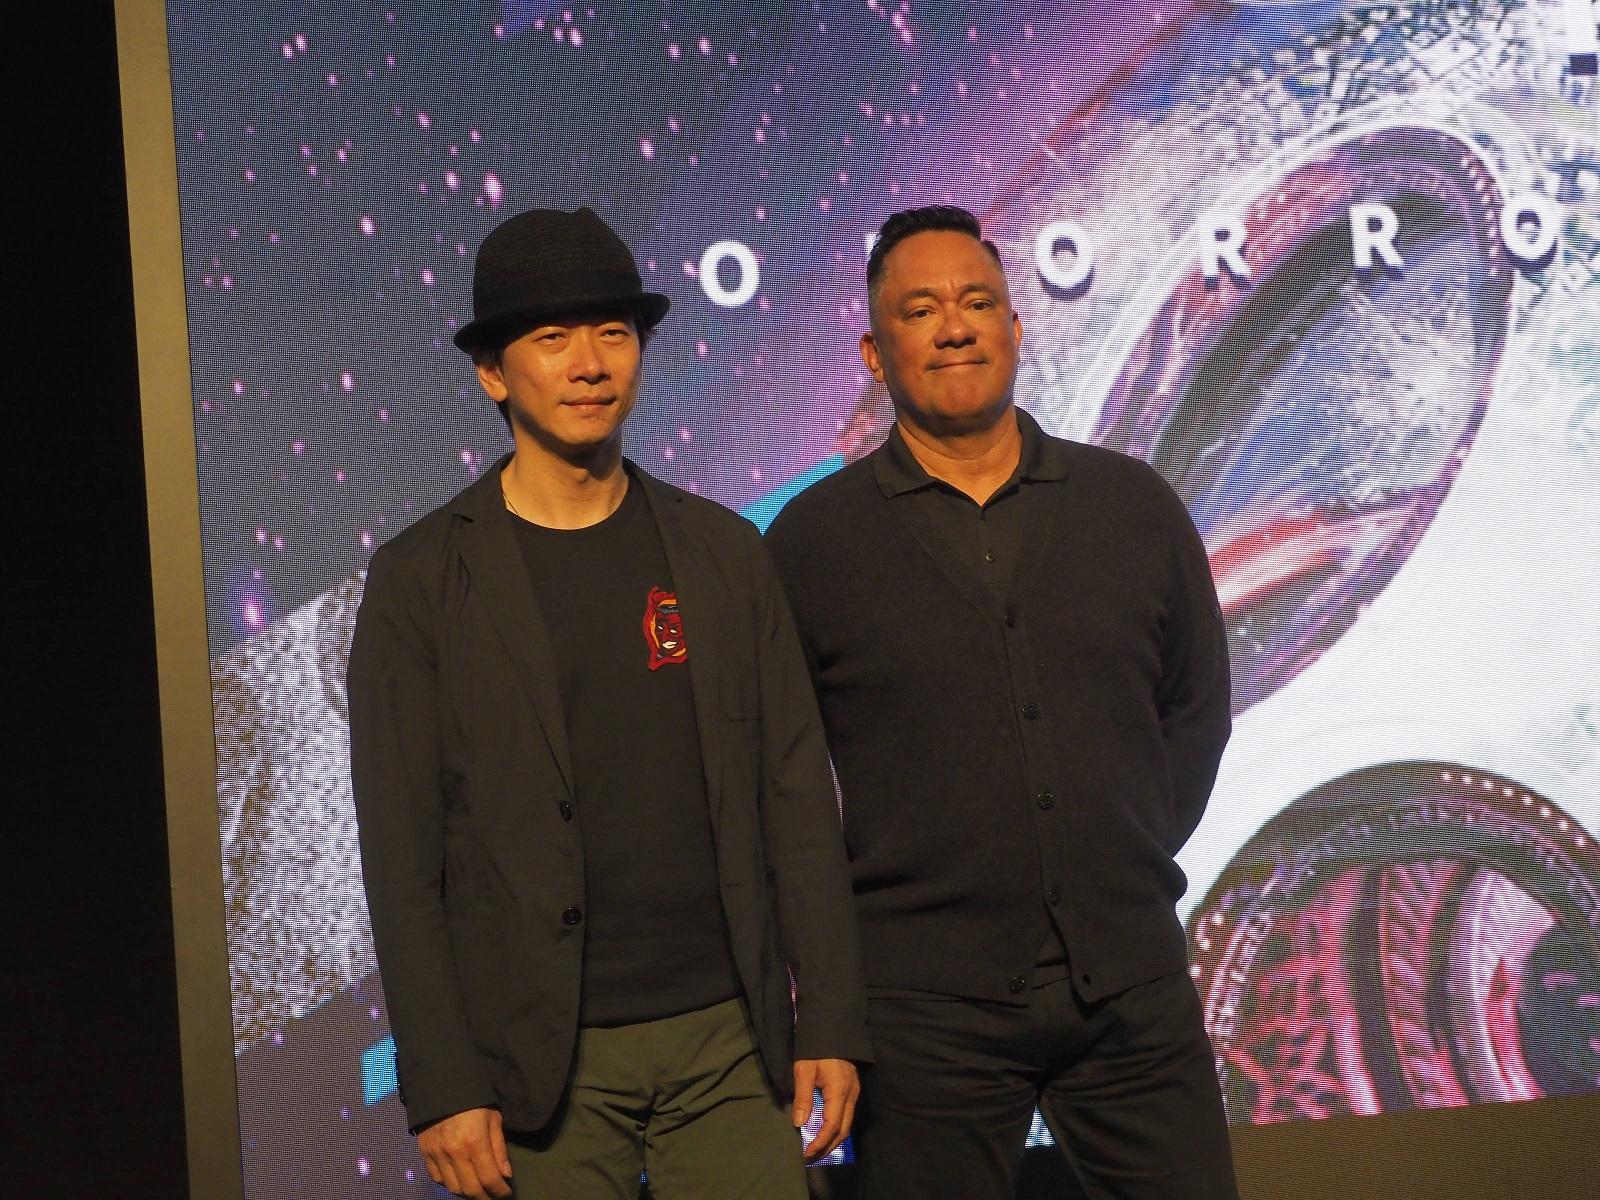 台灣動畫電影《八戒》主創人員:導演邱立偉(左起)、製片人JOE AGUILAR(喬 阿奎拉)-縮小.jpg